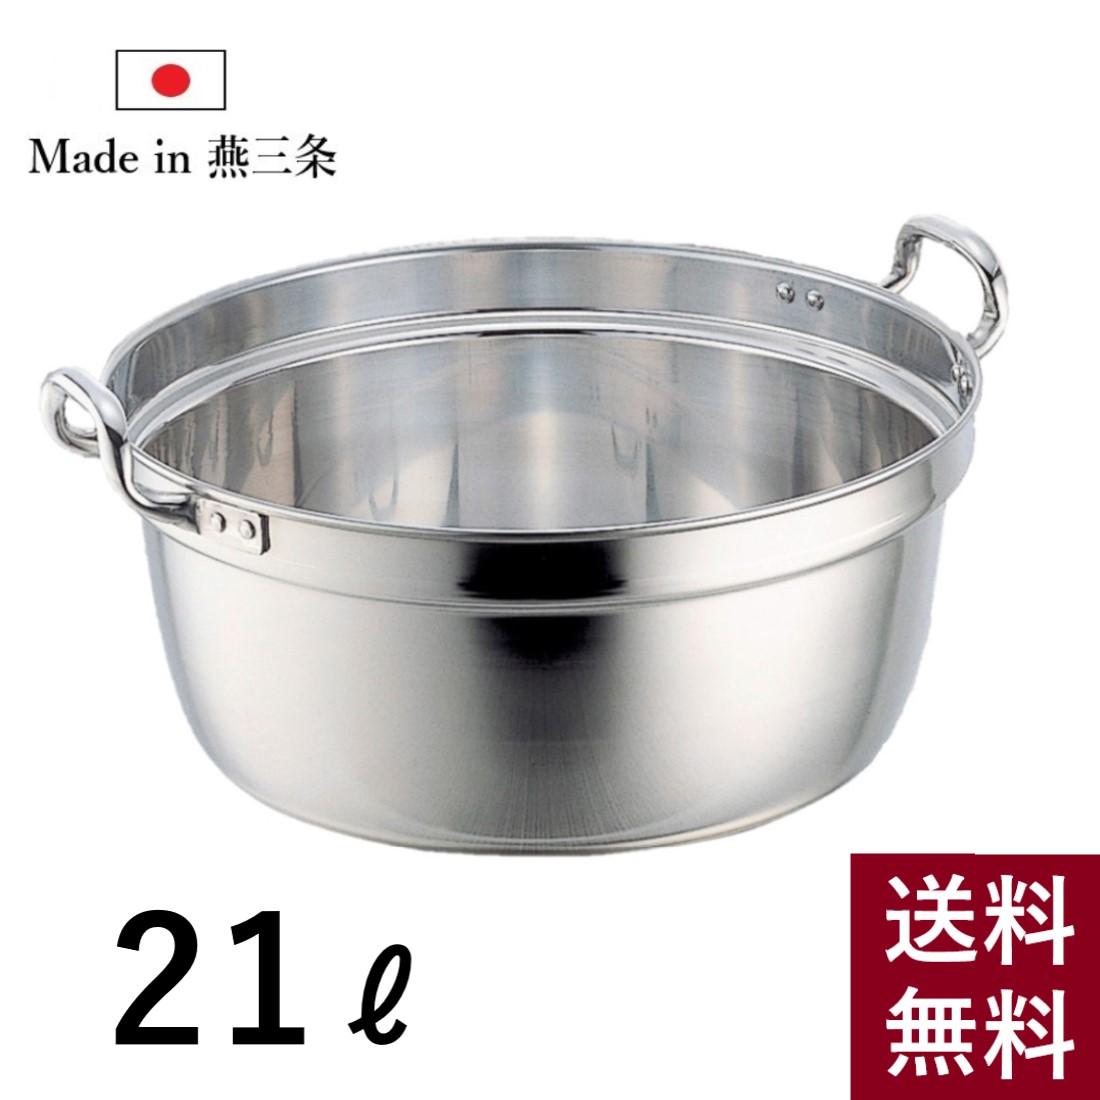 料理鍋 ステンレス 両手鍋 深型 42cm SW 直火対応 家庭用 業務用 大容量 21L 鍋 大きい